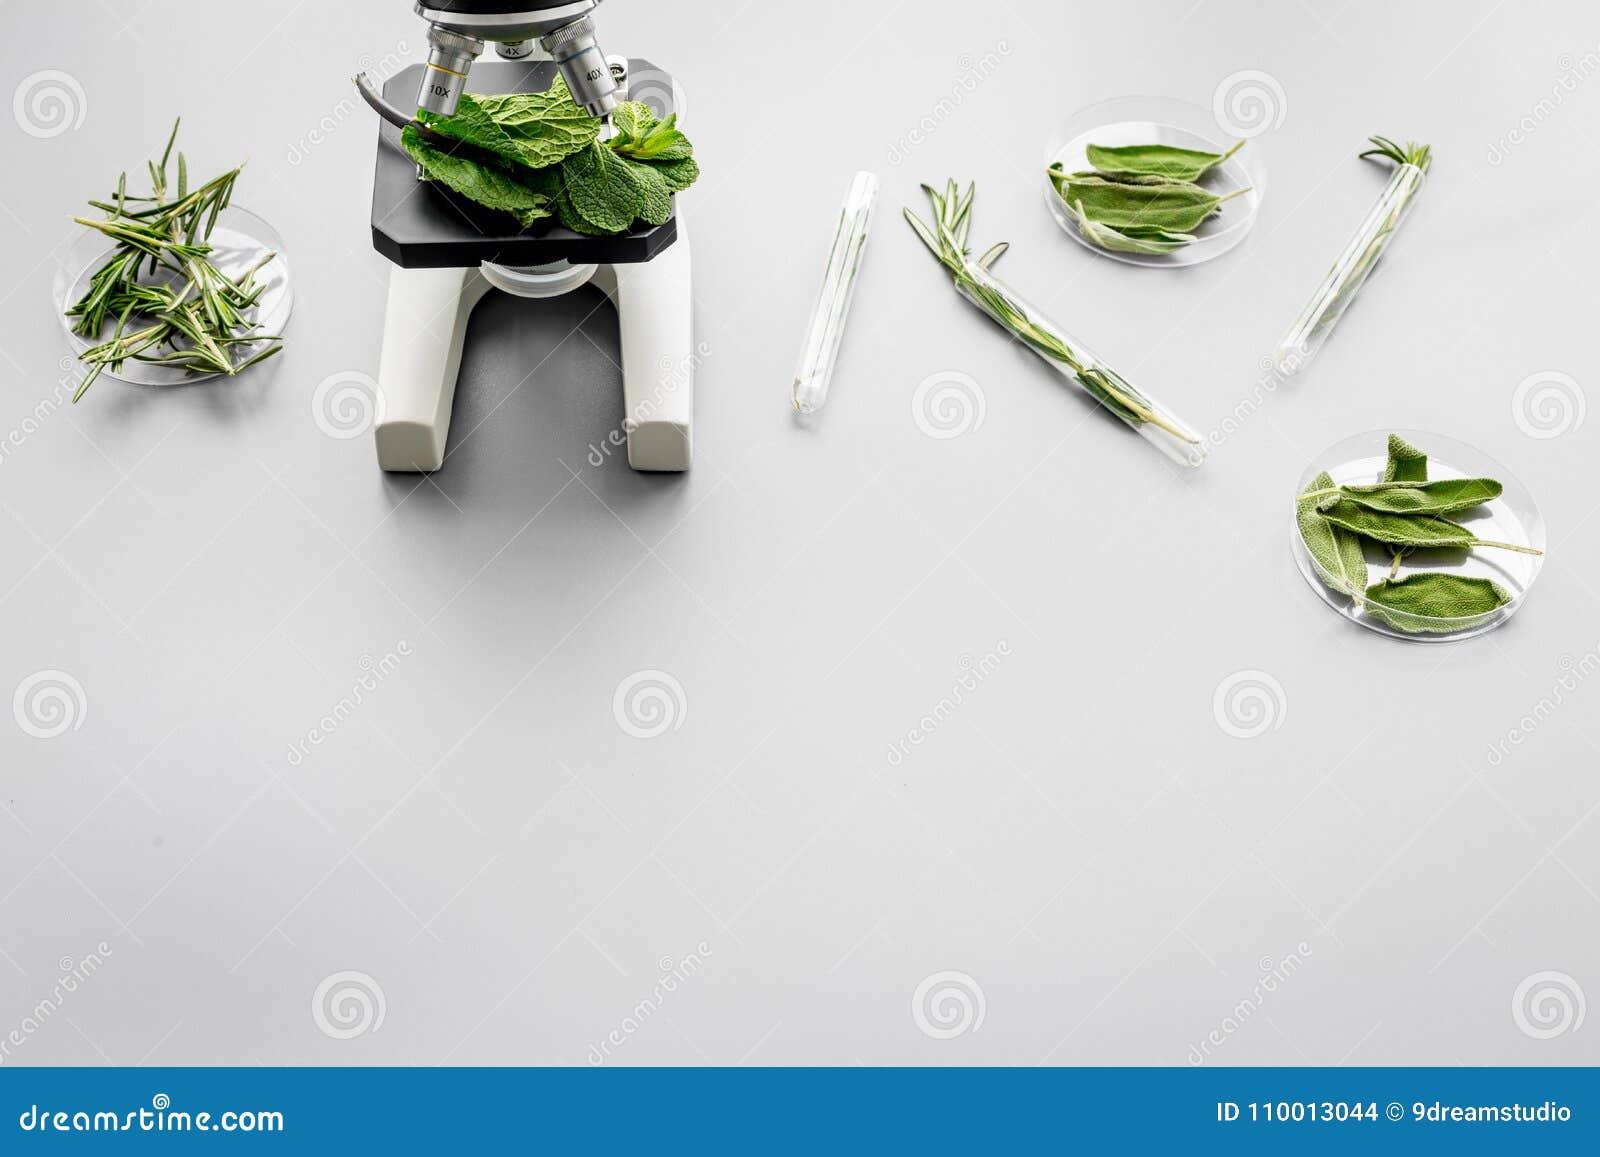 安全食物 食品分析的实验室 草本,绿色在灰色背景顶视图拷贝空间的显微镜下